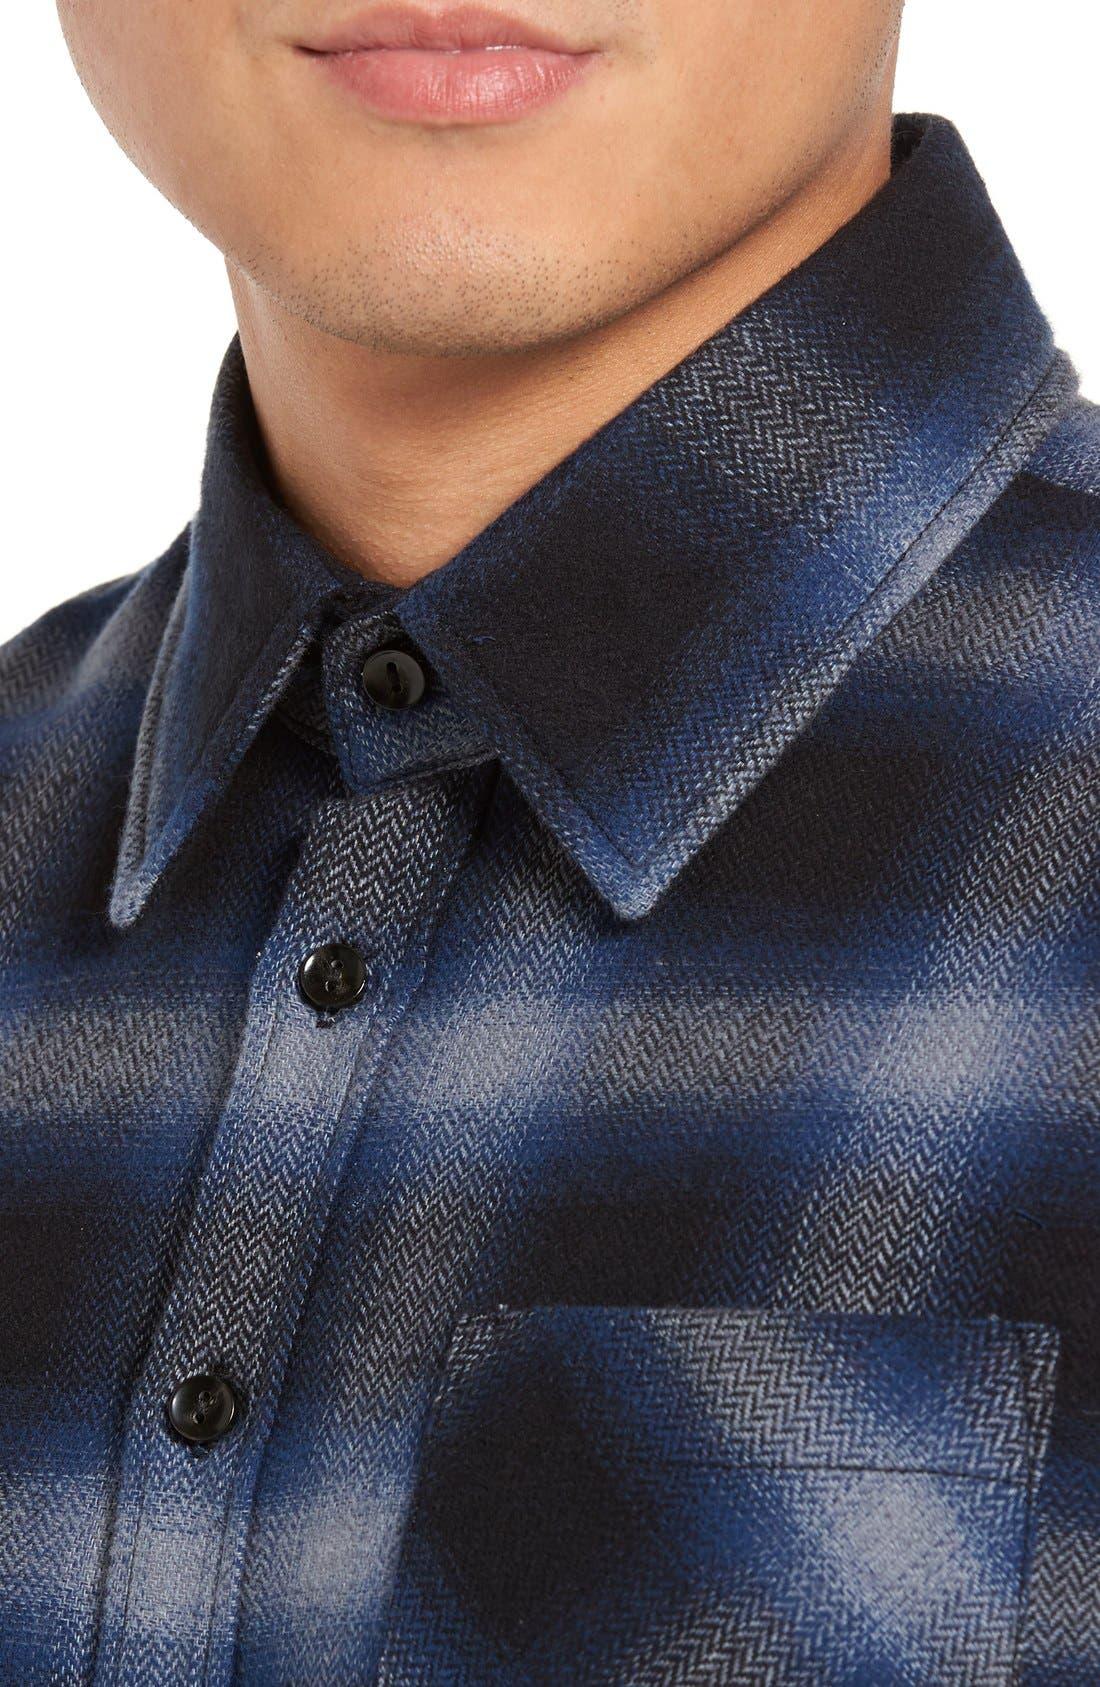 Michael Slim Fit Plaid Flannel Shirt,                             Alternate thumbnail 5, color,                             428